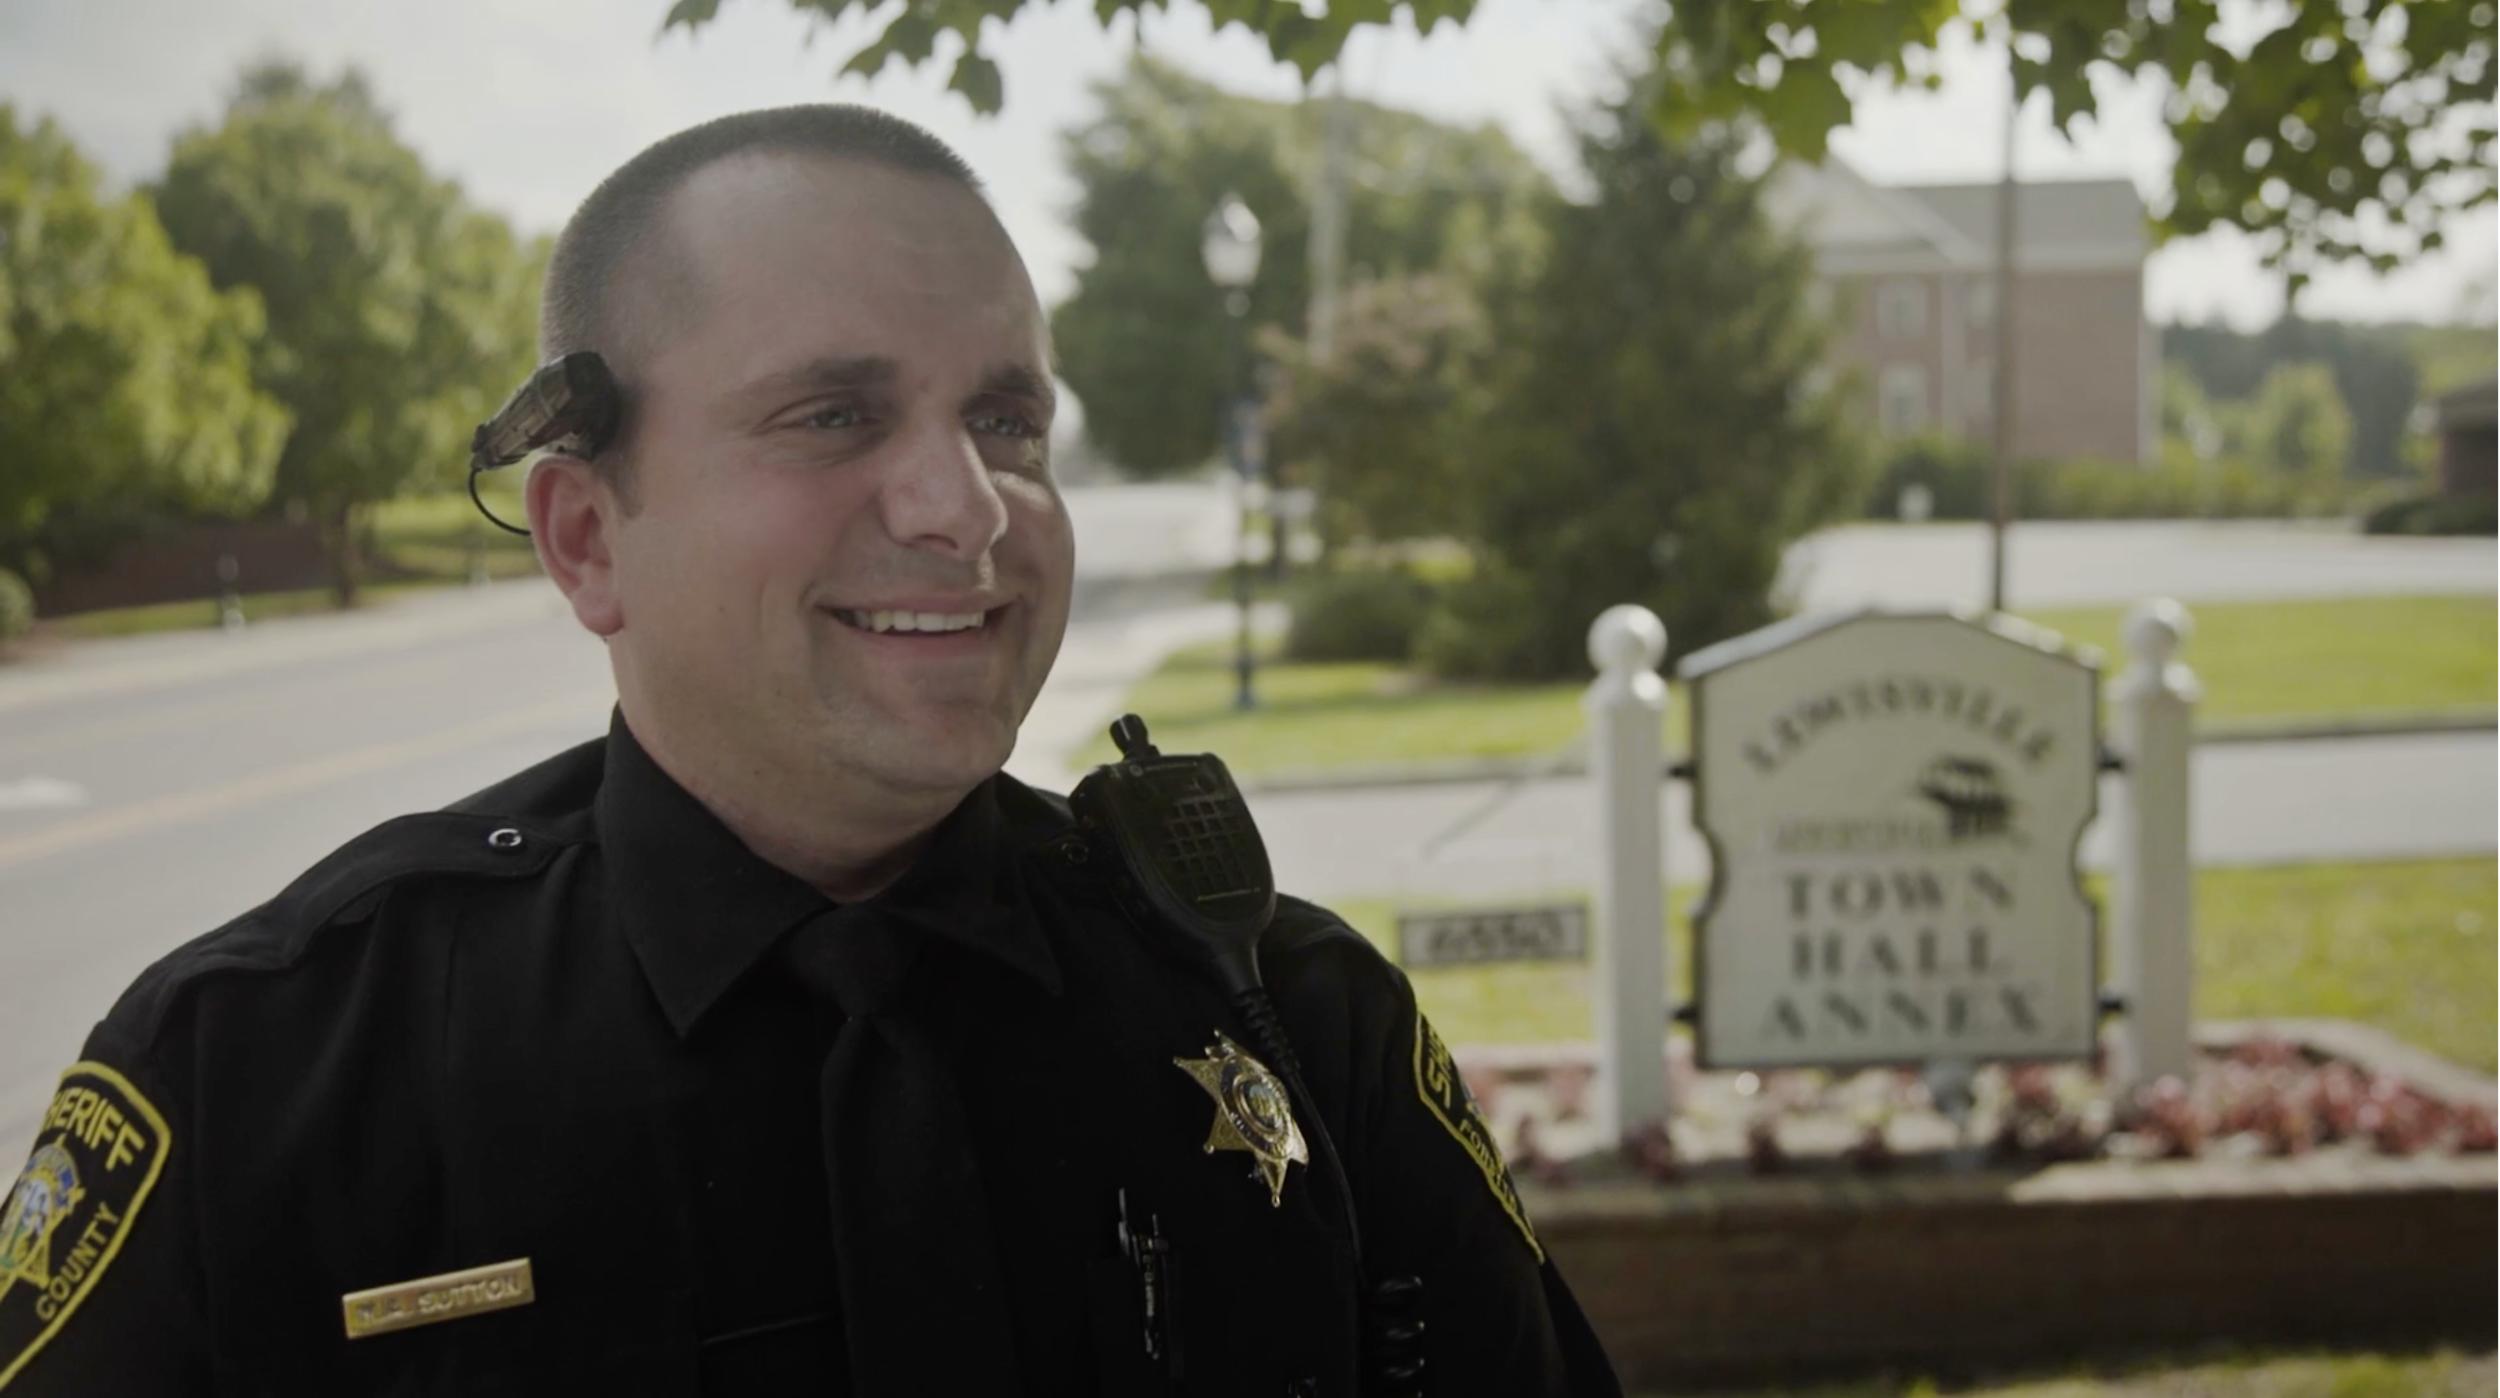 Community Policing Deputy